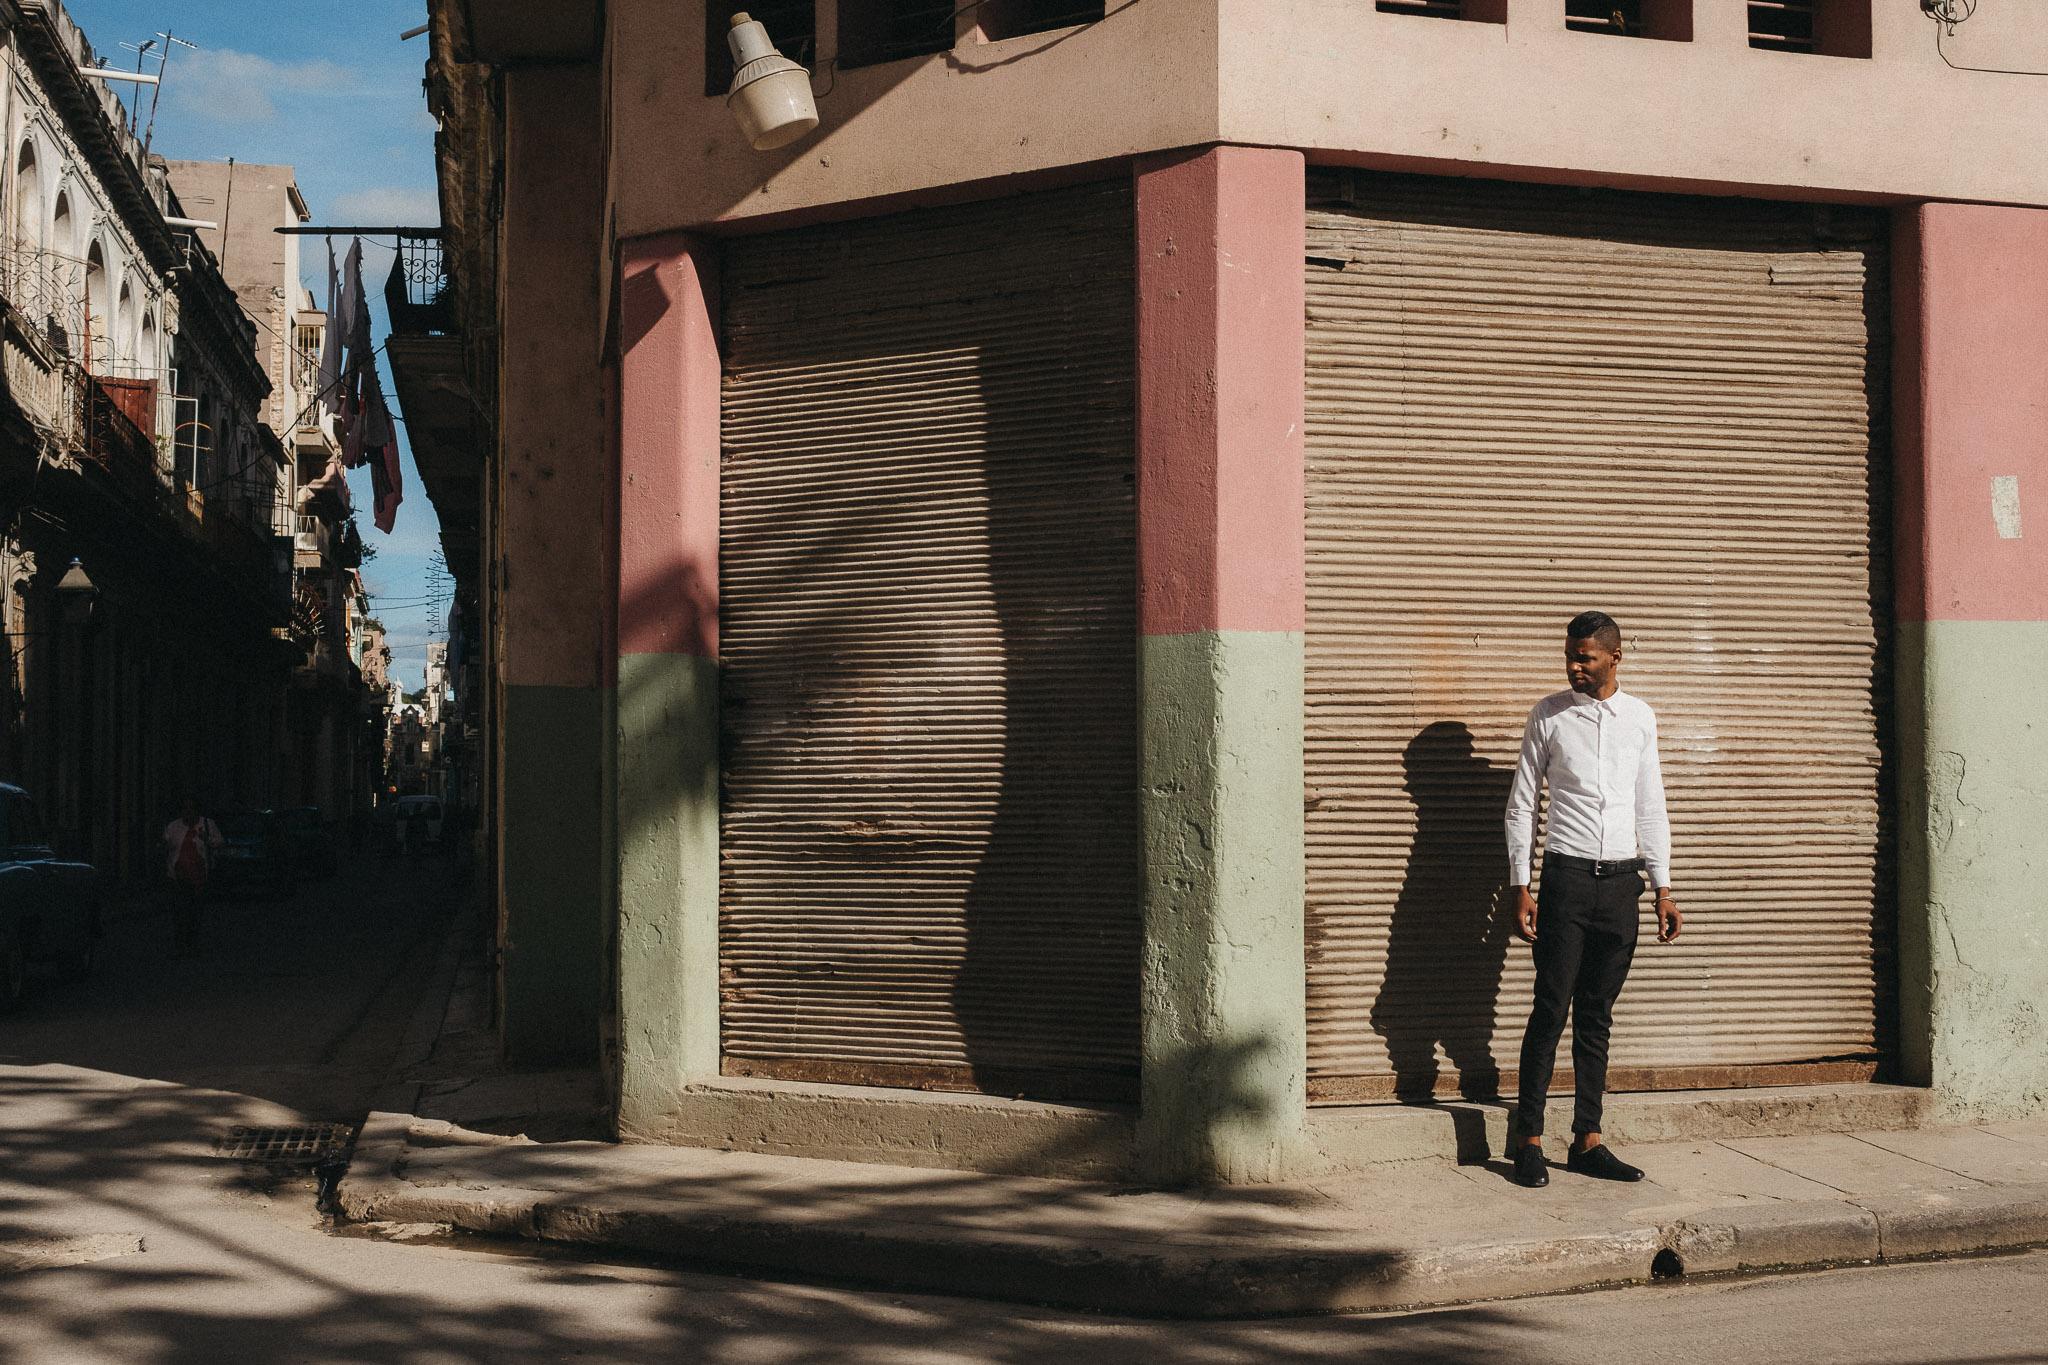 Cuba-2017-12-Havana-0813.jpg